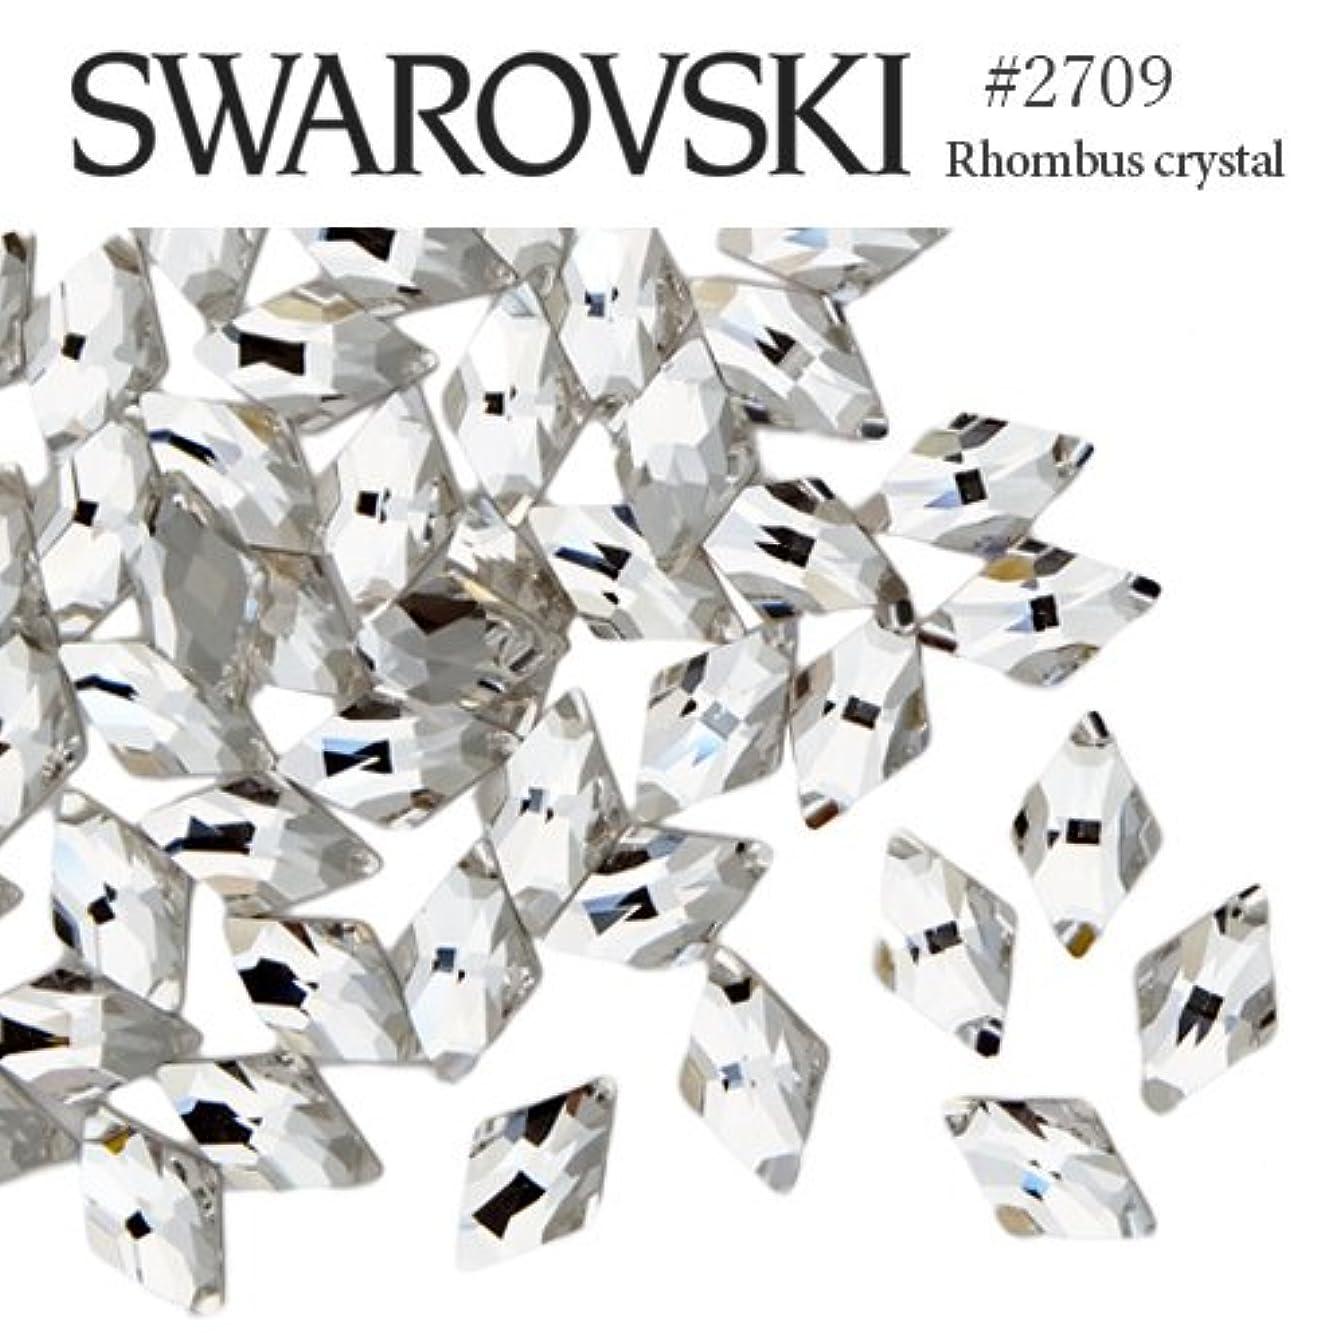 優先権ケイ素刈るスワロ #2709 ダイヤ/ロンバス (ひし形) [クリスタル] 3粒入り スワロフスキー ラインストーン